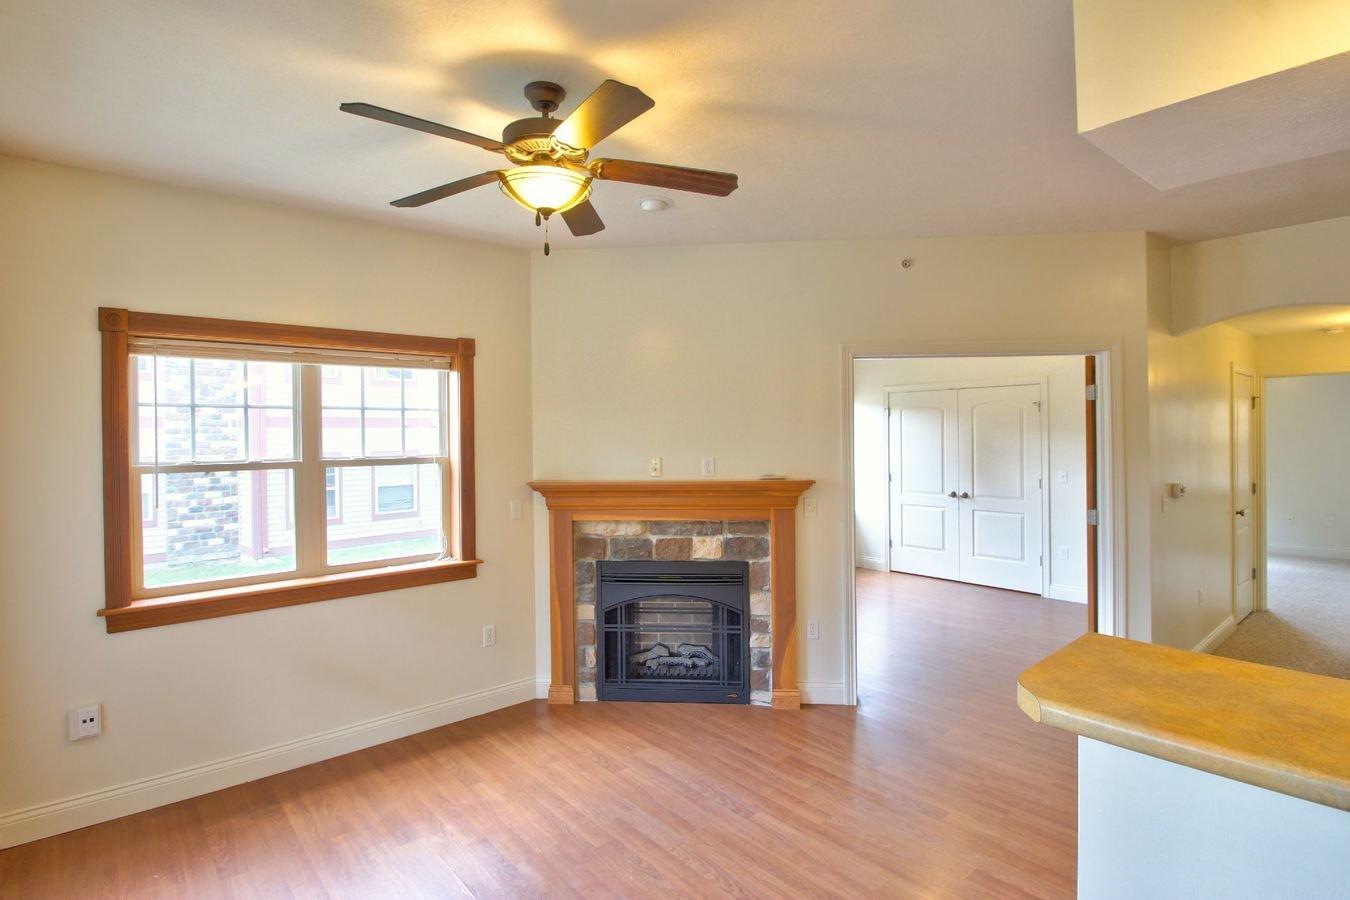 2 Bedrooms 1 Bathroom Apartment for rent at Meadowcreek Neighborhood in Bloomington, IN